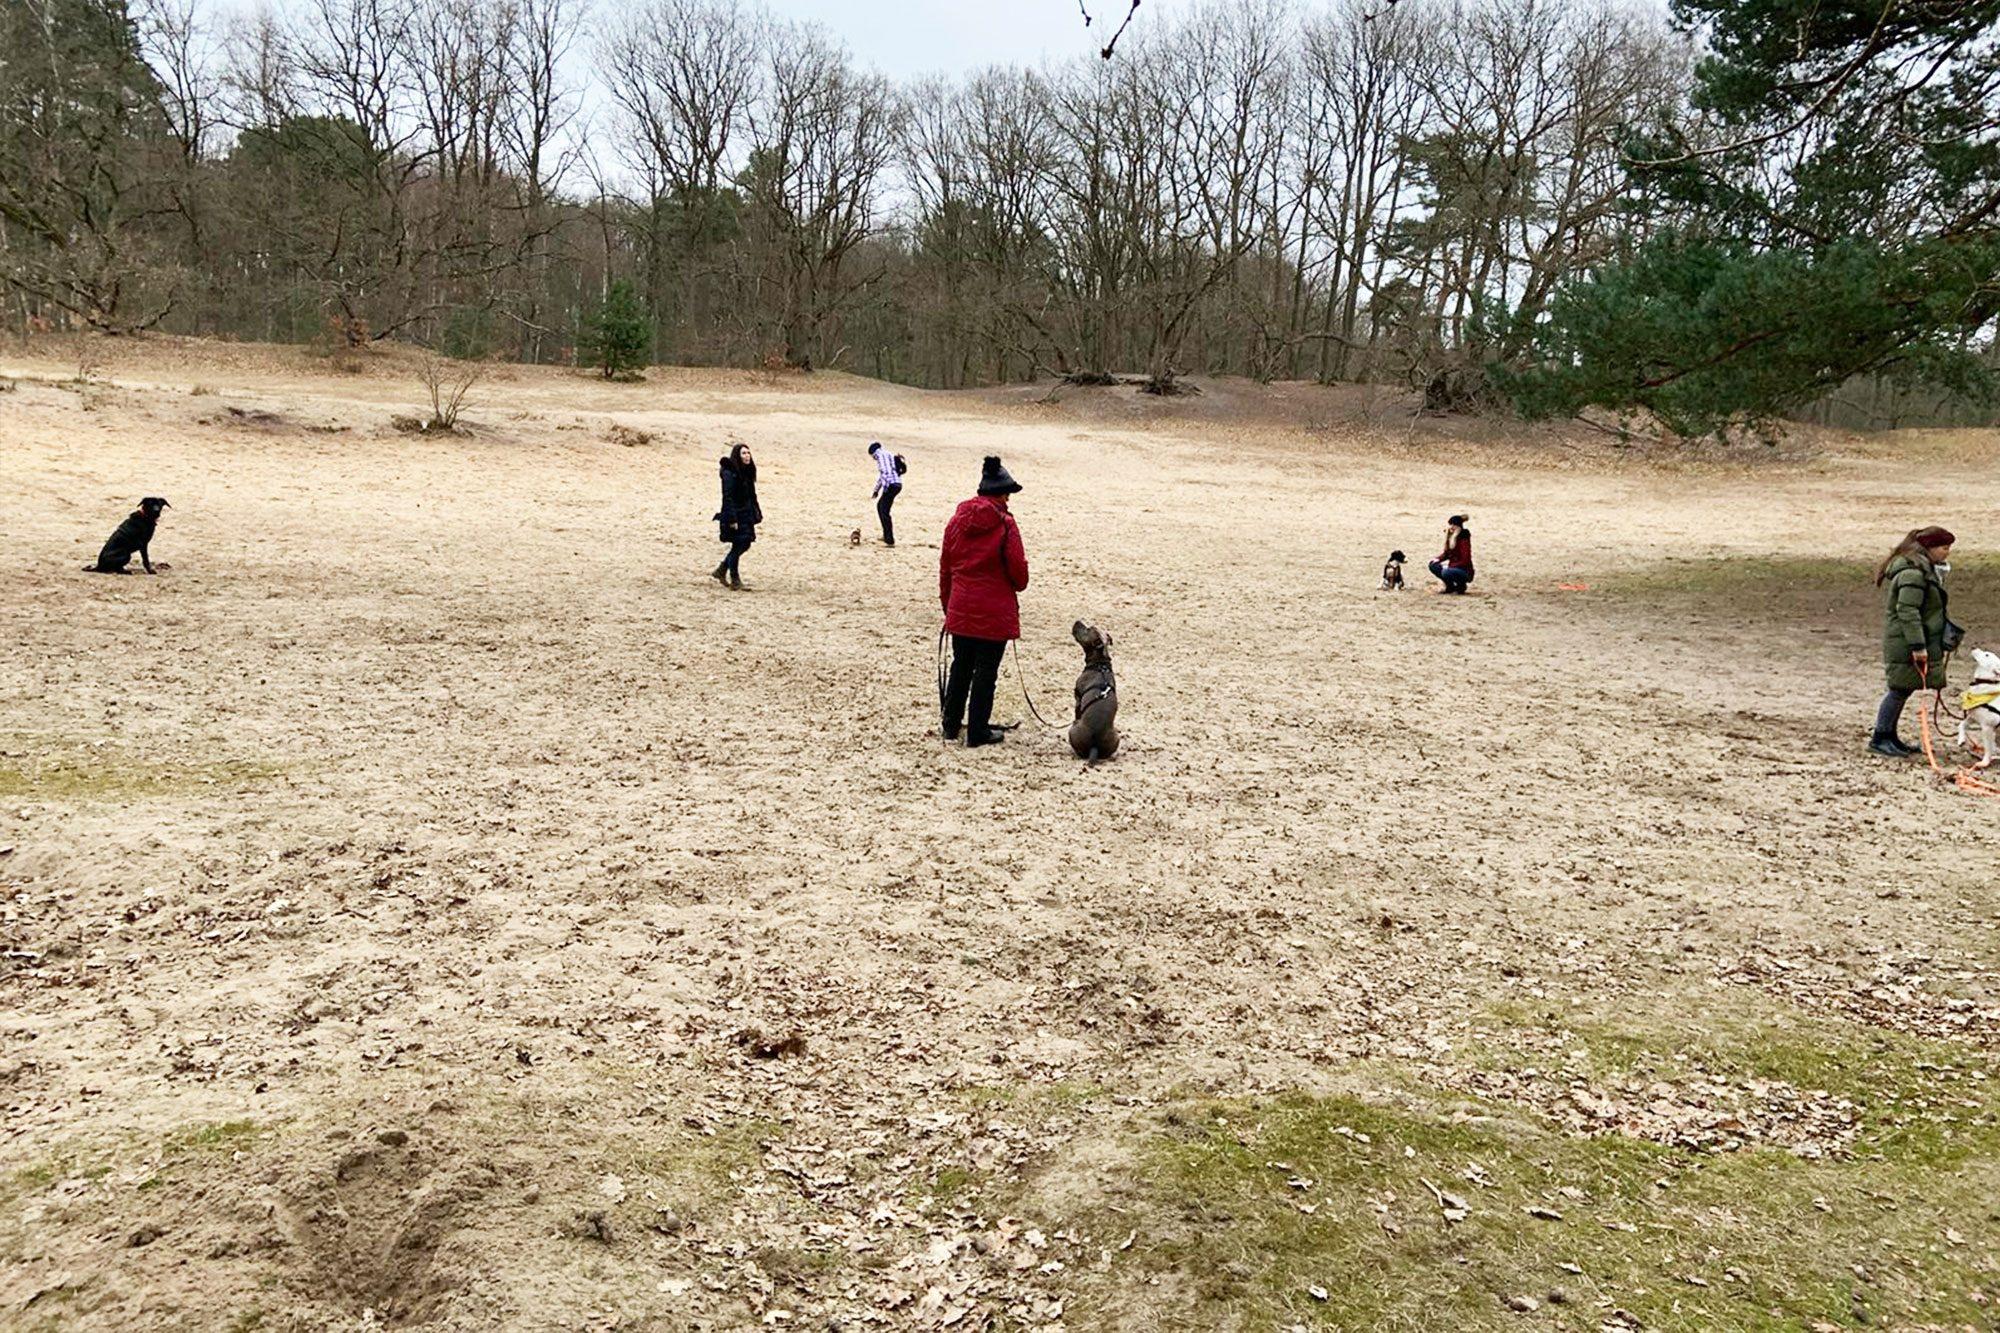 Gruppenstunde in der Rissener Heide am Leuchtturmweg